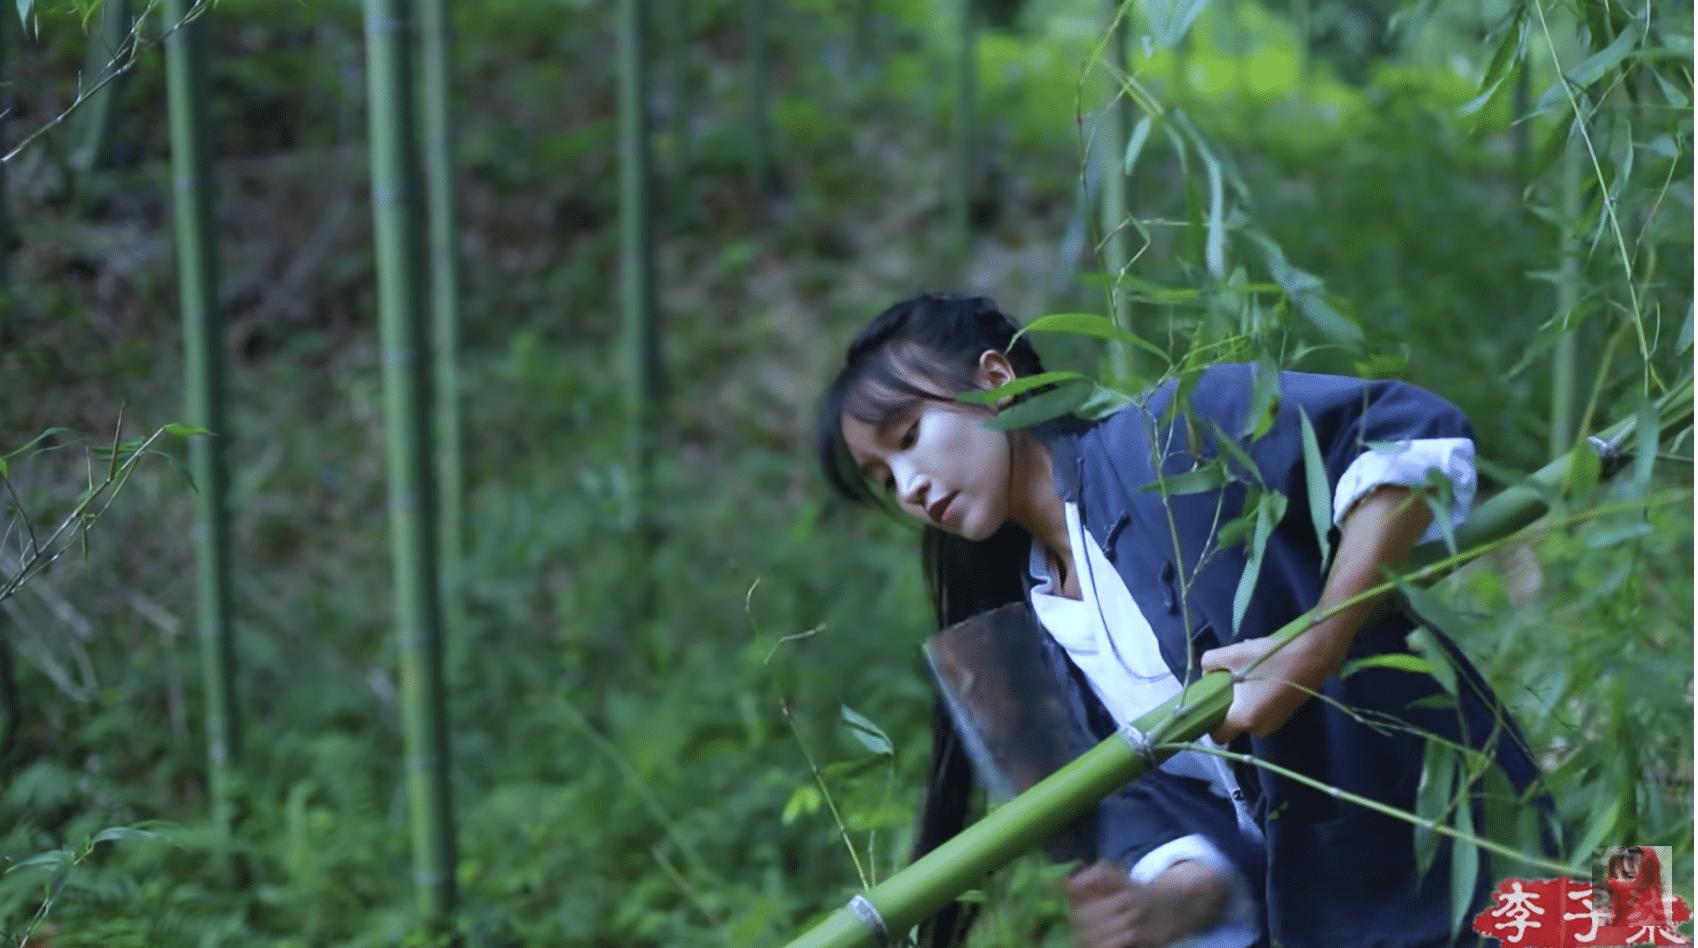 大自然與傳統文化物品紀錄片-Youtober『李子柒』